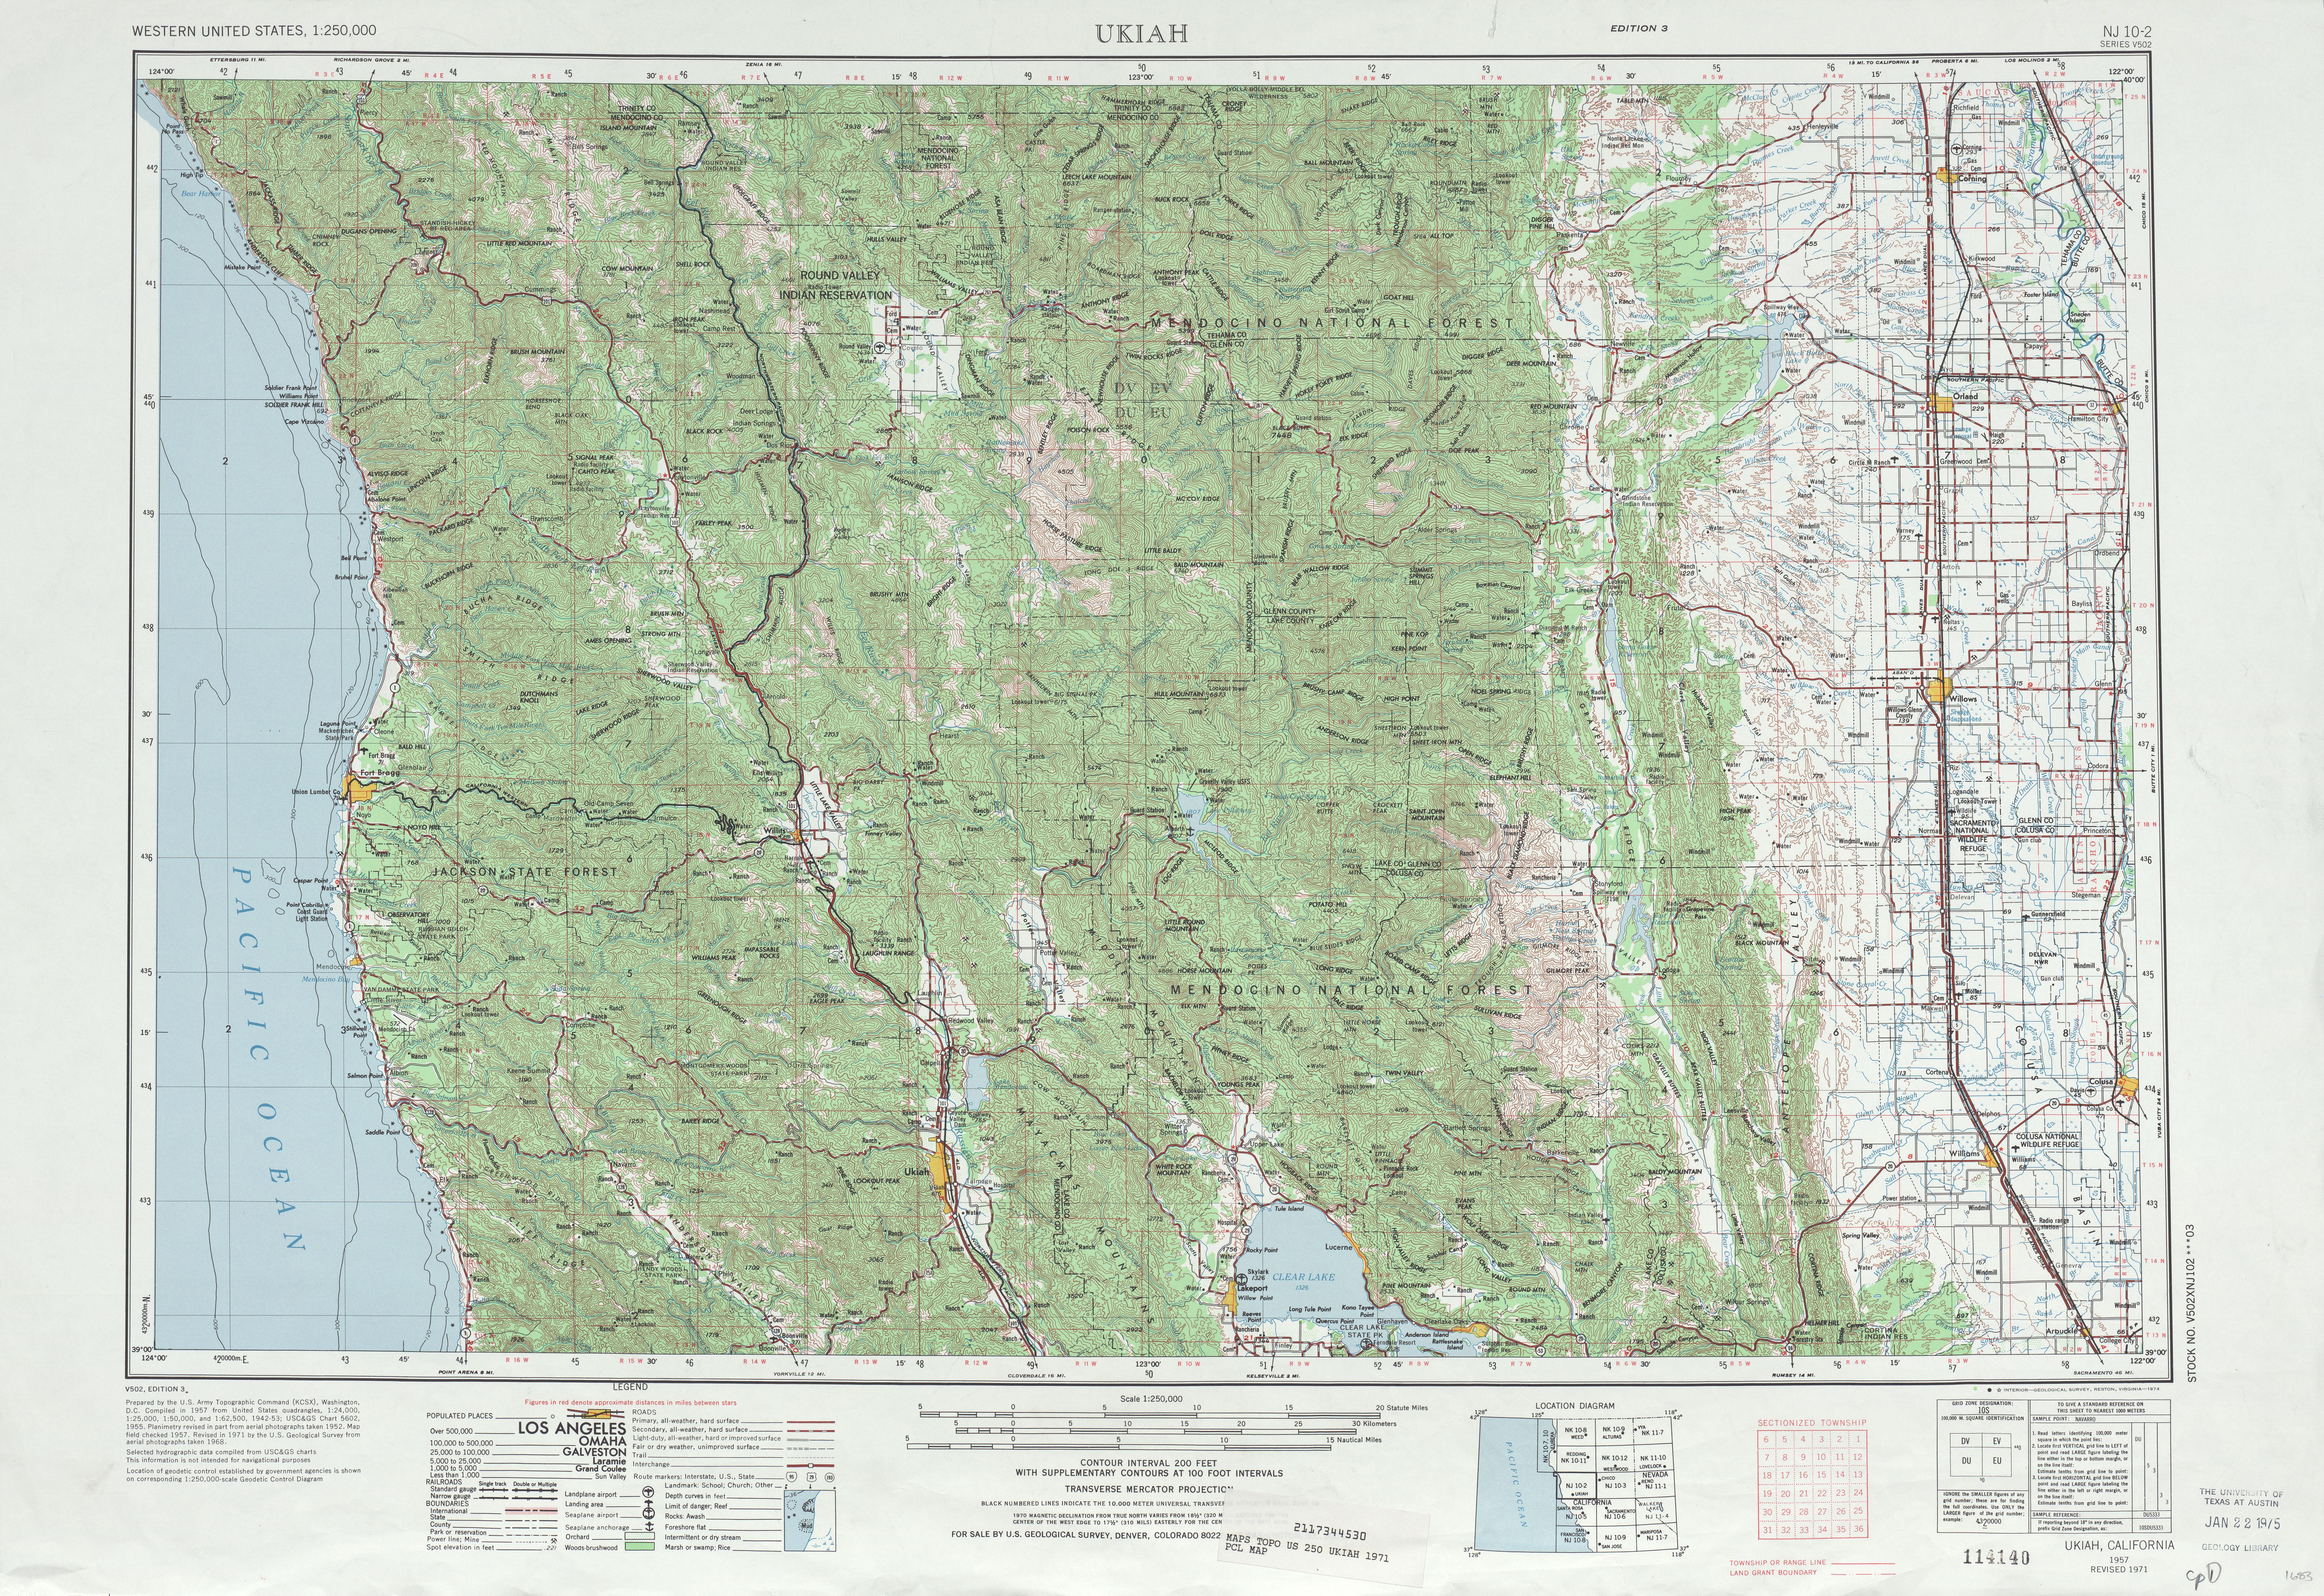 Hoja Ukiah del Mapa Topográfico de los Estados Unidos 1971